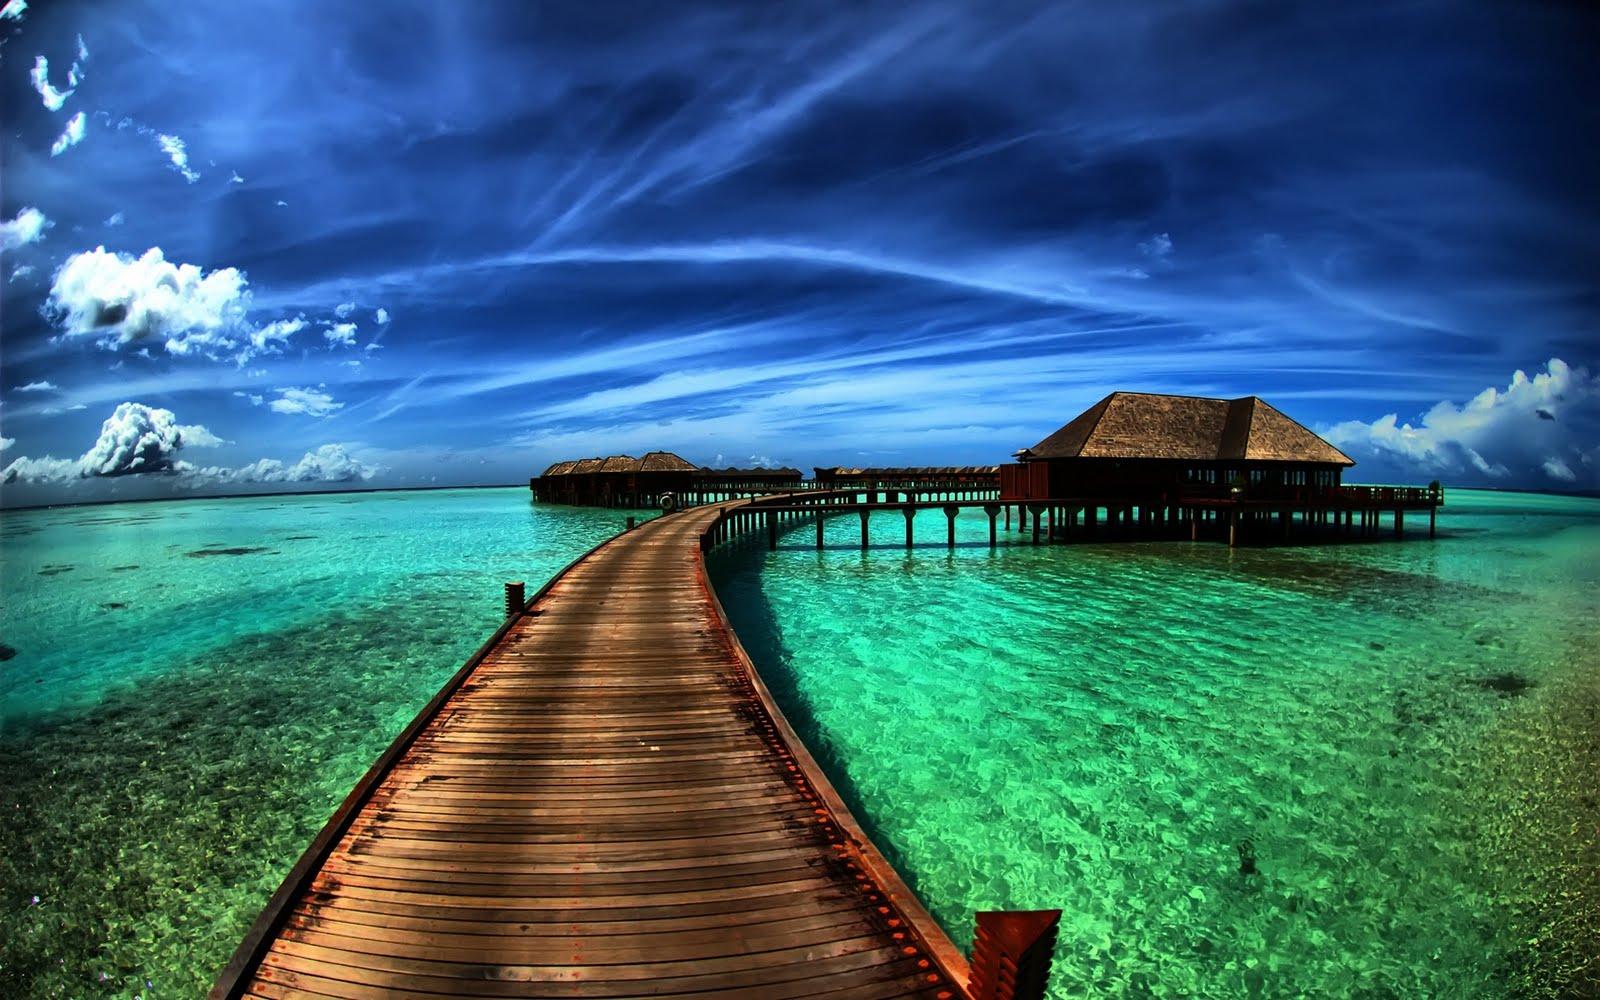 paisajes o postales junto al mar landscapes